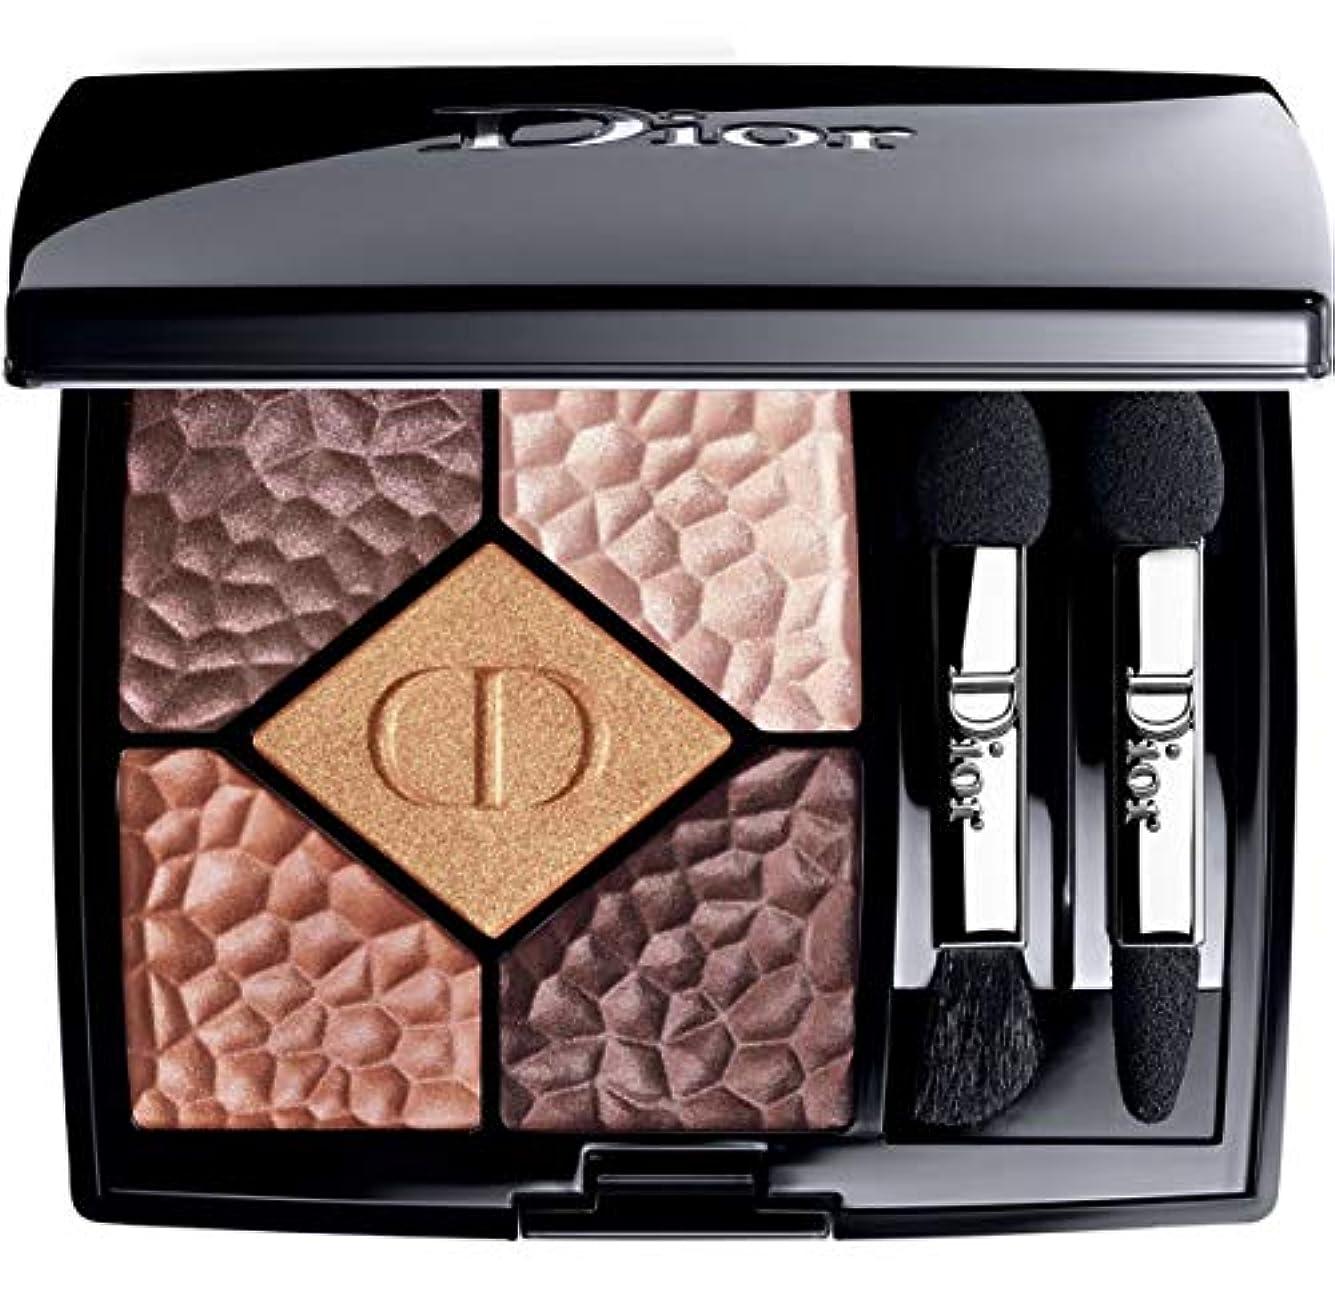 避けられない経済的光電Dior ディオール サンククルール ワイルドアース 786 テラ 限定 [並行輸入品]